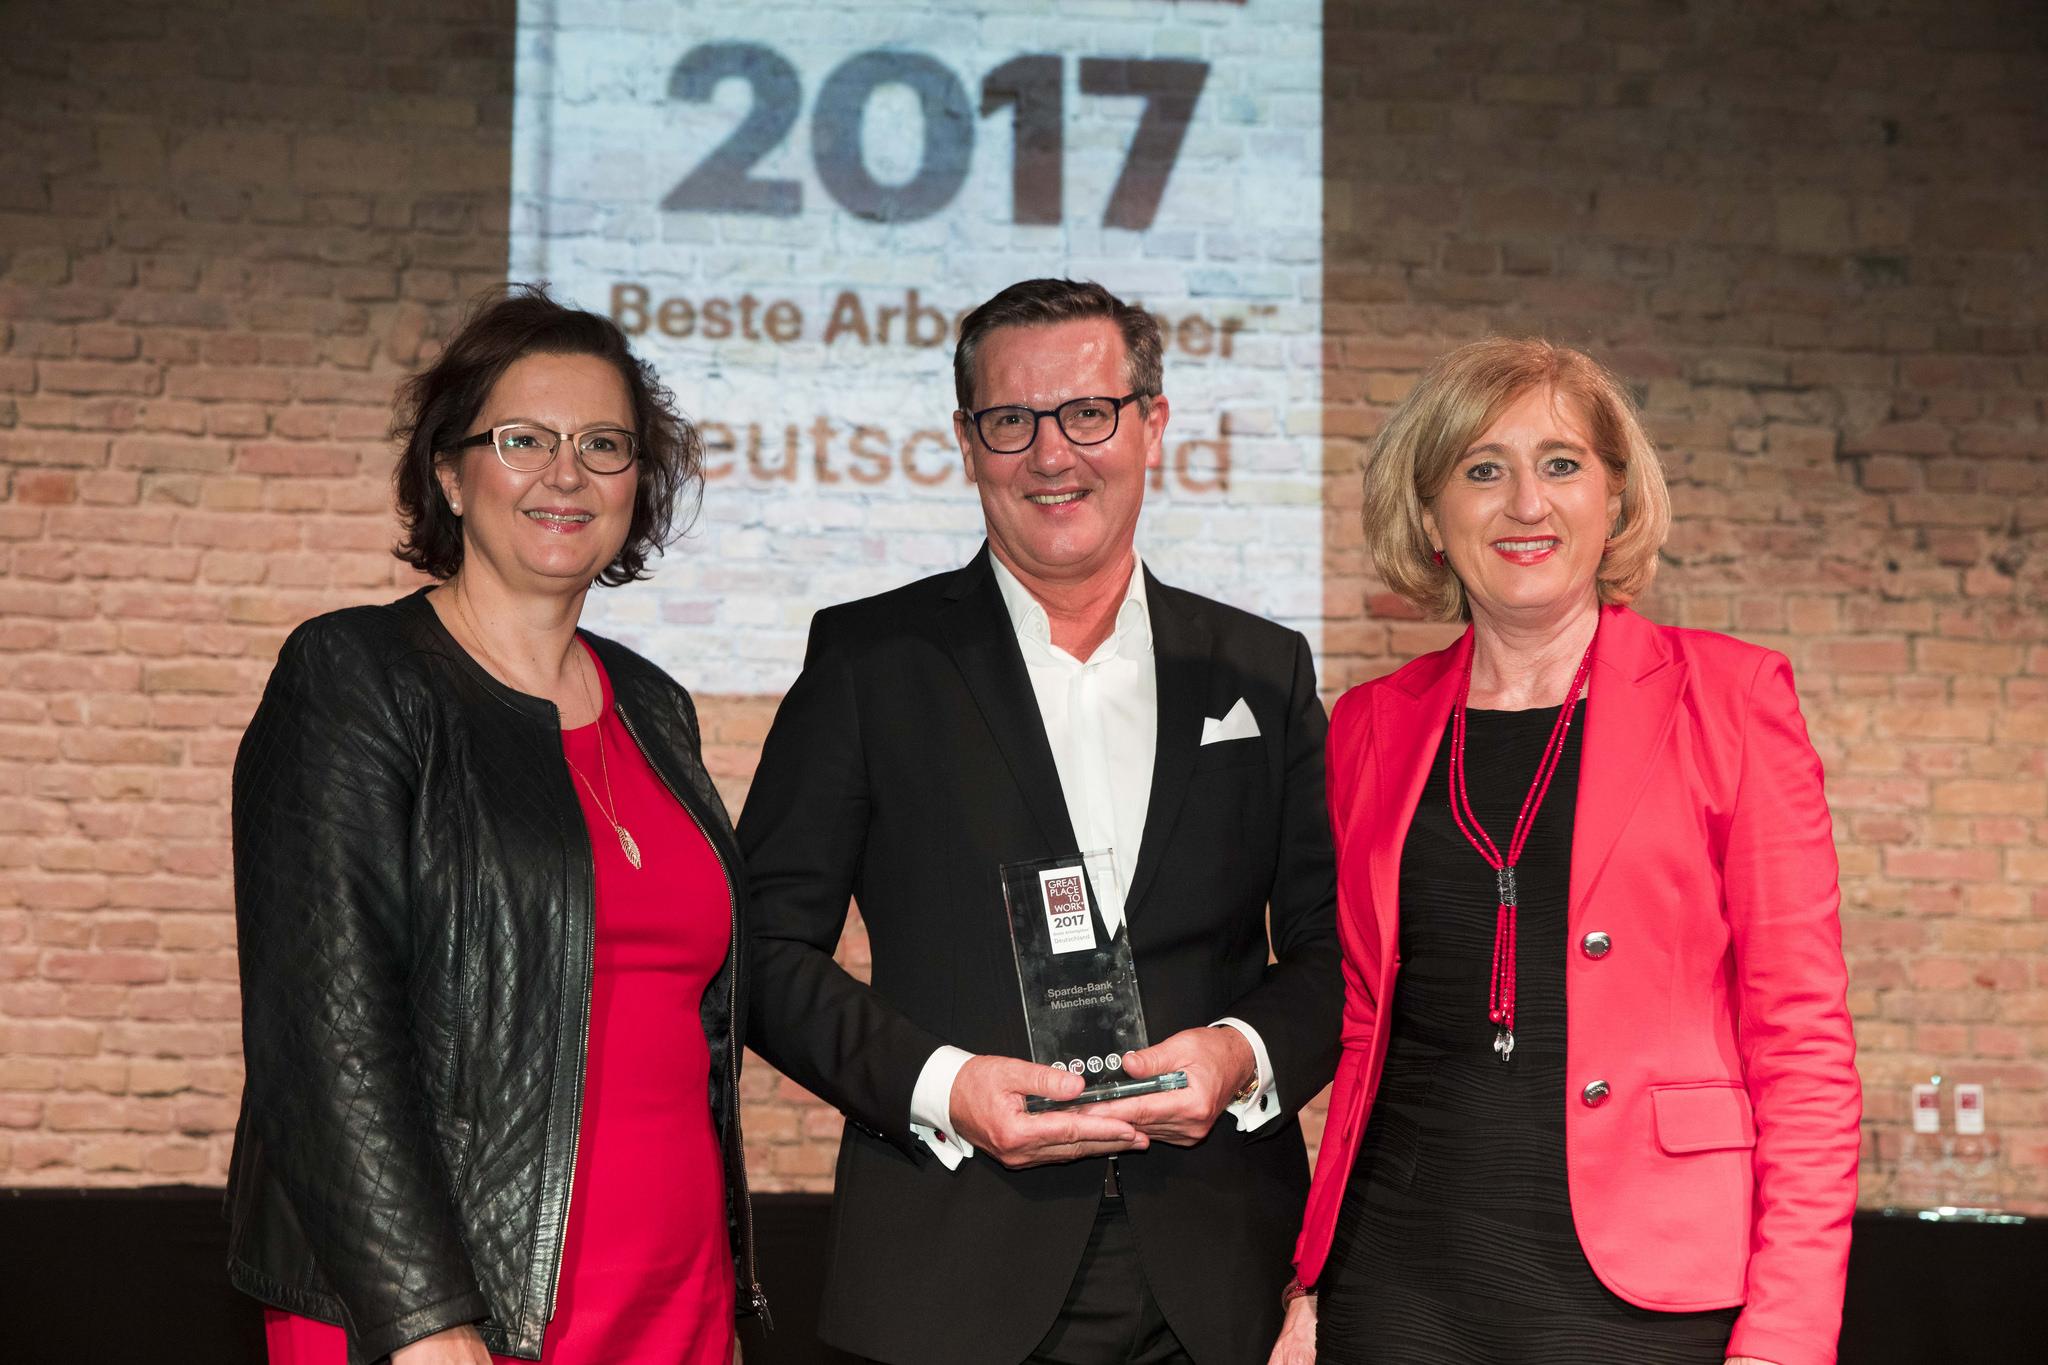 Sparda-Bank München als einer der besten Arbeitgeber Deutschlands ausgezeichnet